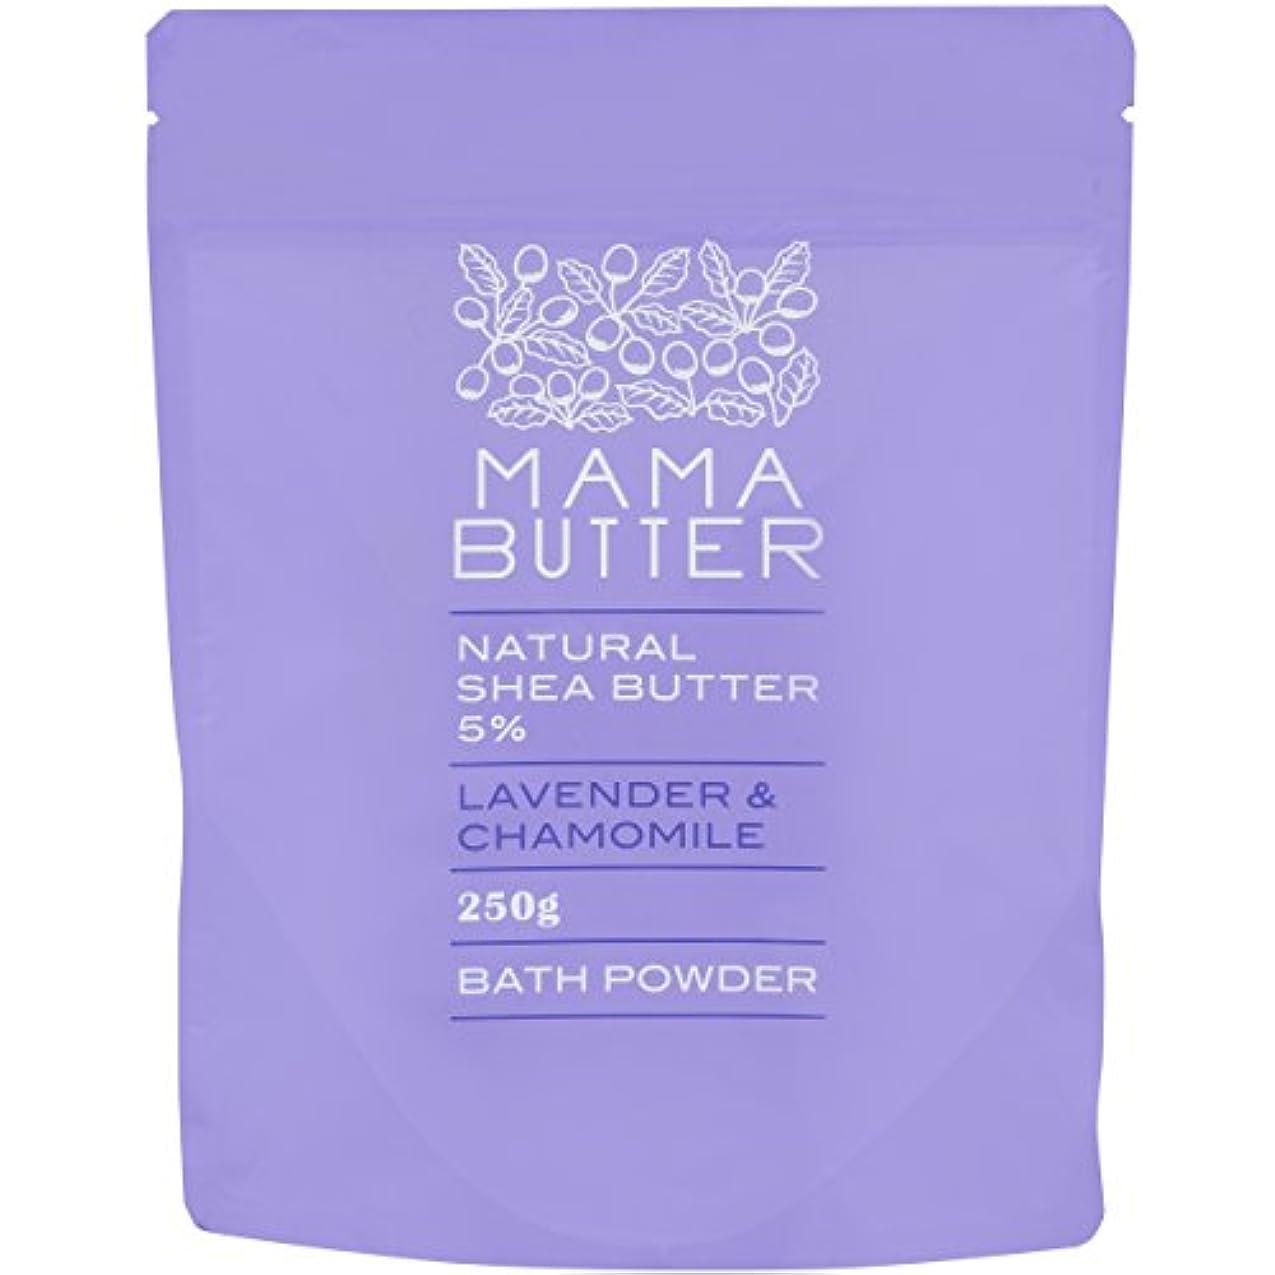 農夫文芸どこでもママバター ナチュラル バスパウダー ラベンダー&カモミールの香り 250g